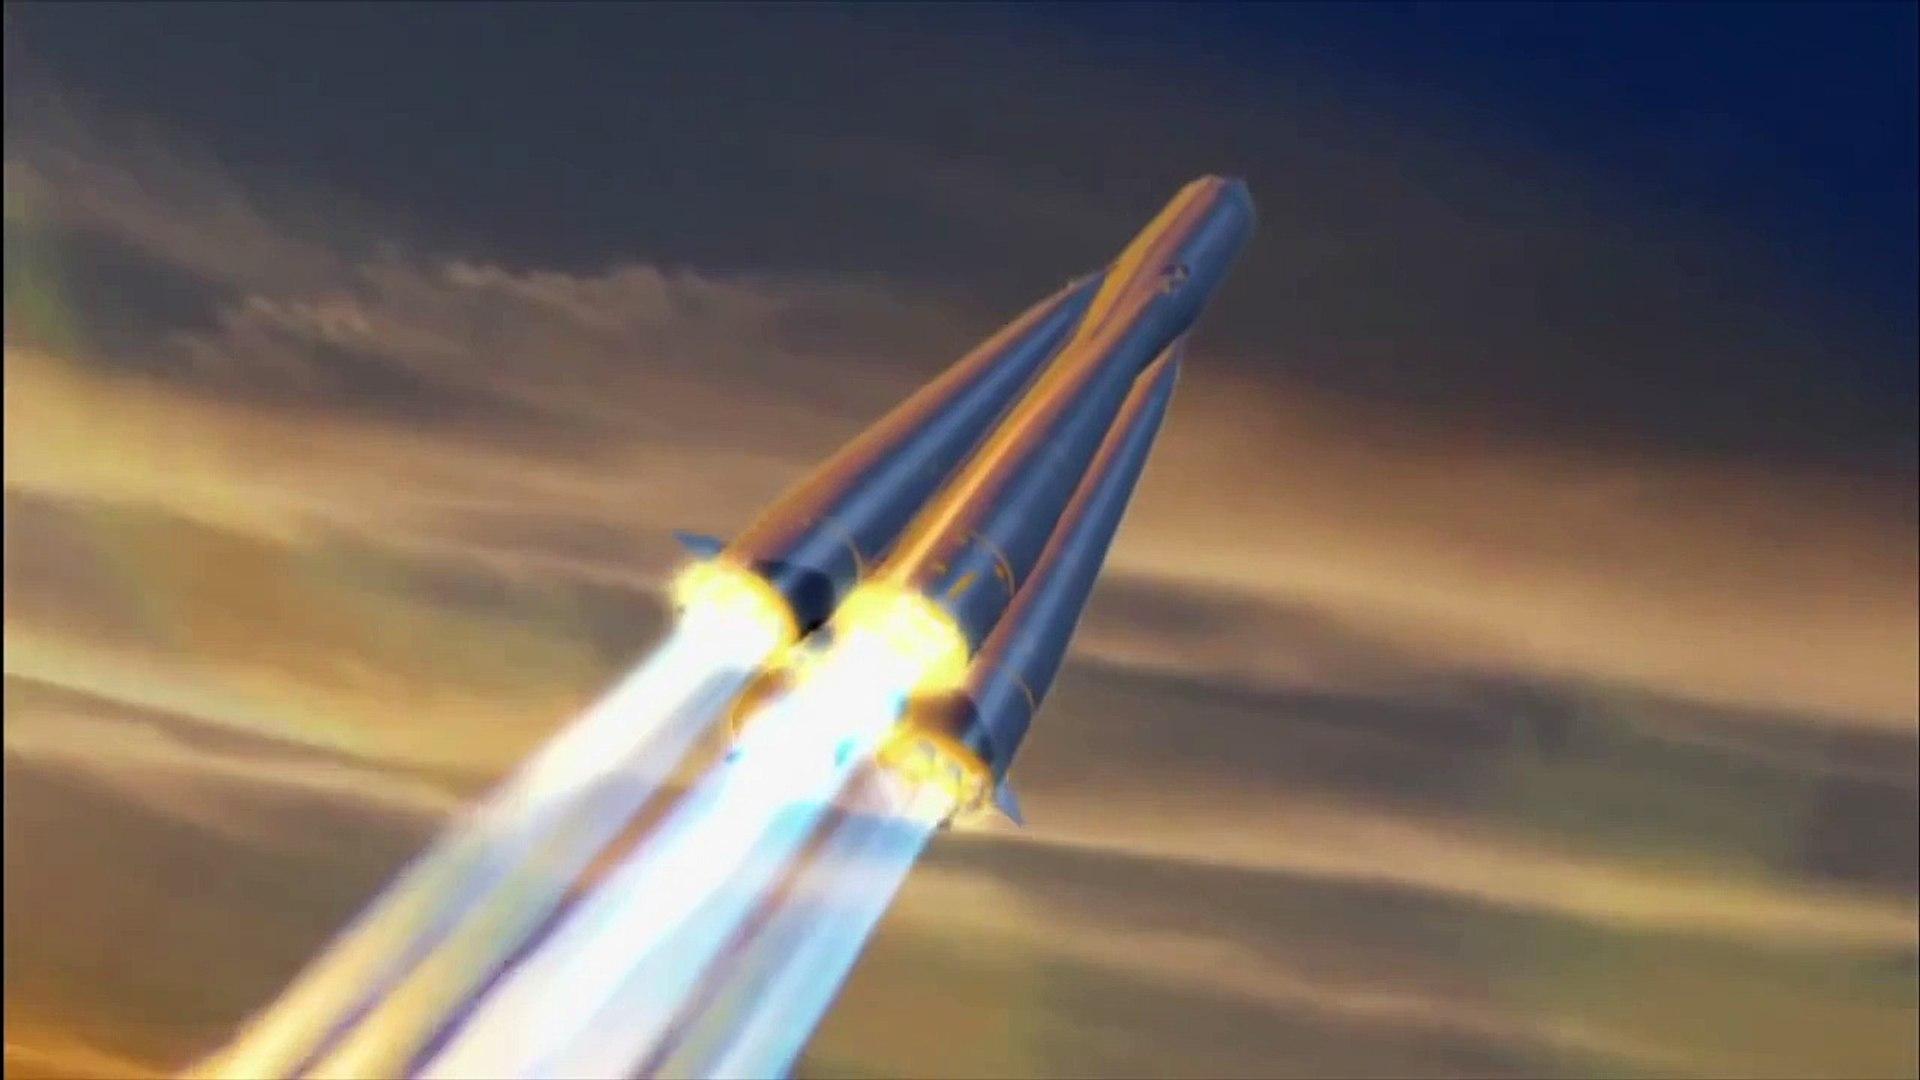 С Днем космонавтики! 12 апреля 2015. Открытый космос. Star Media